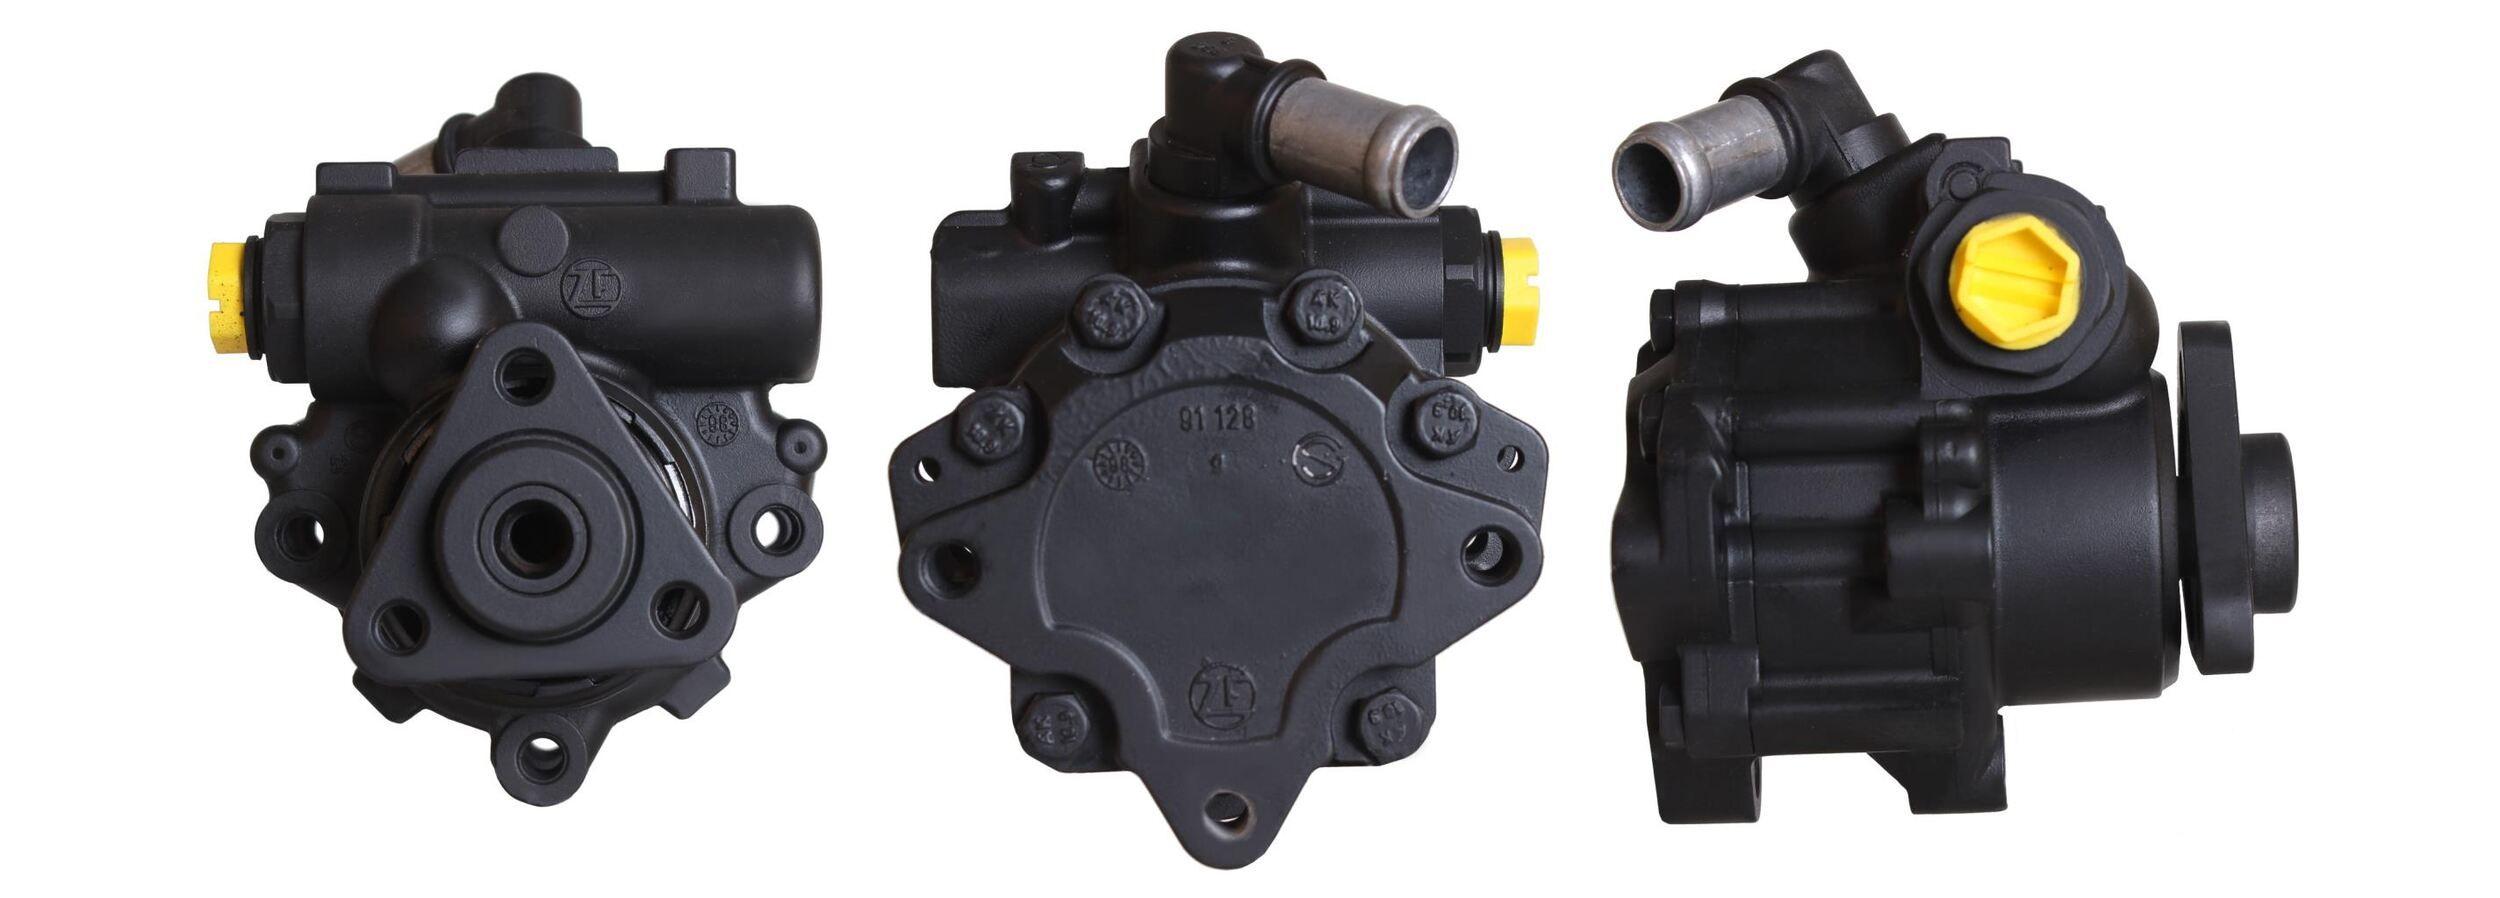 ELSTOCK  15-0023 Power steering pump